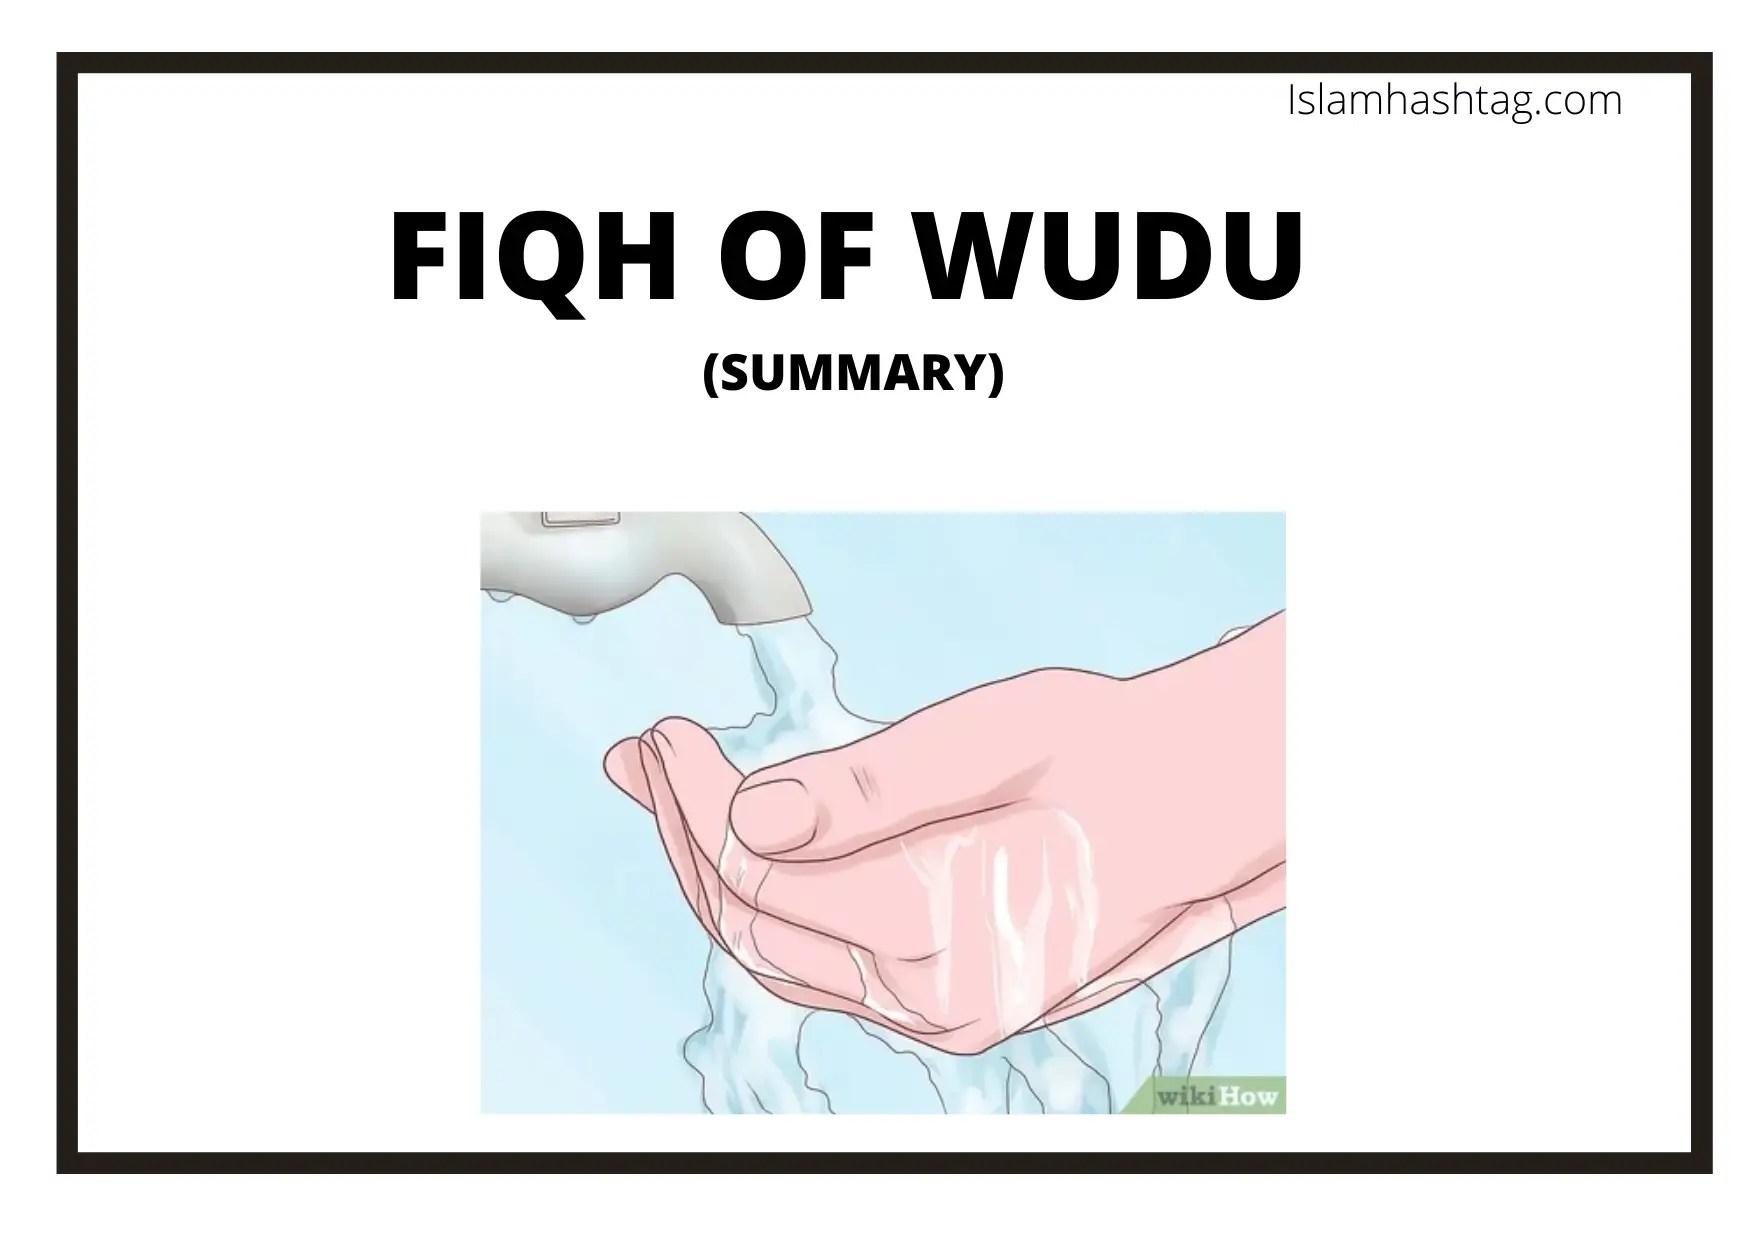 fiqh of wudu